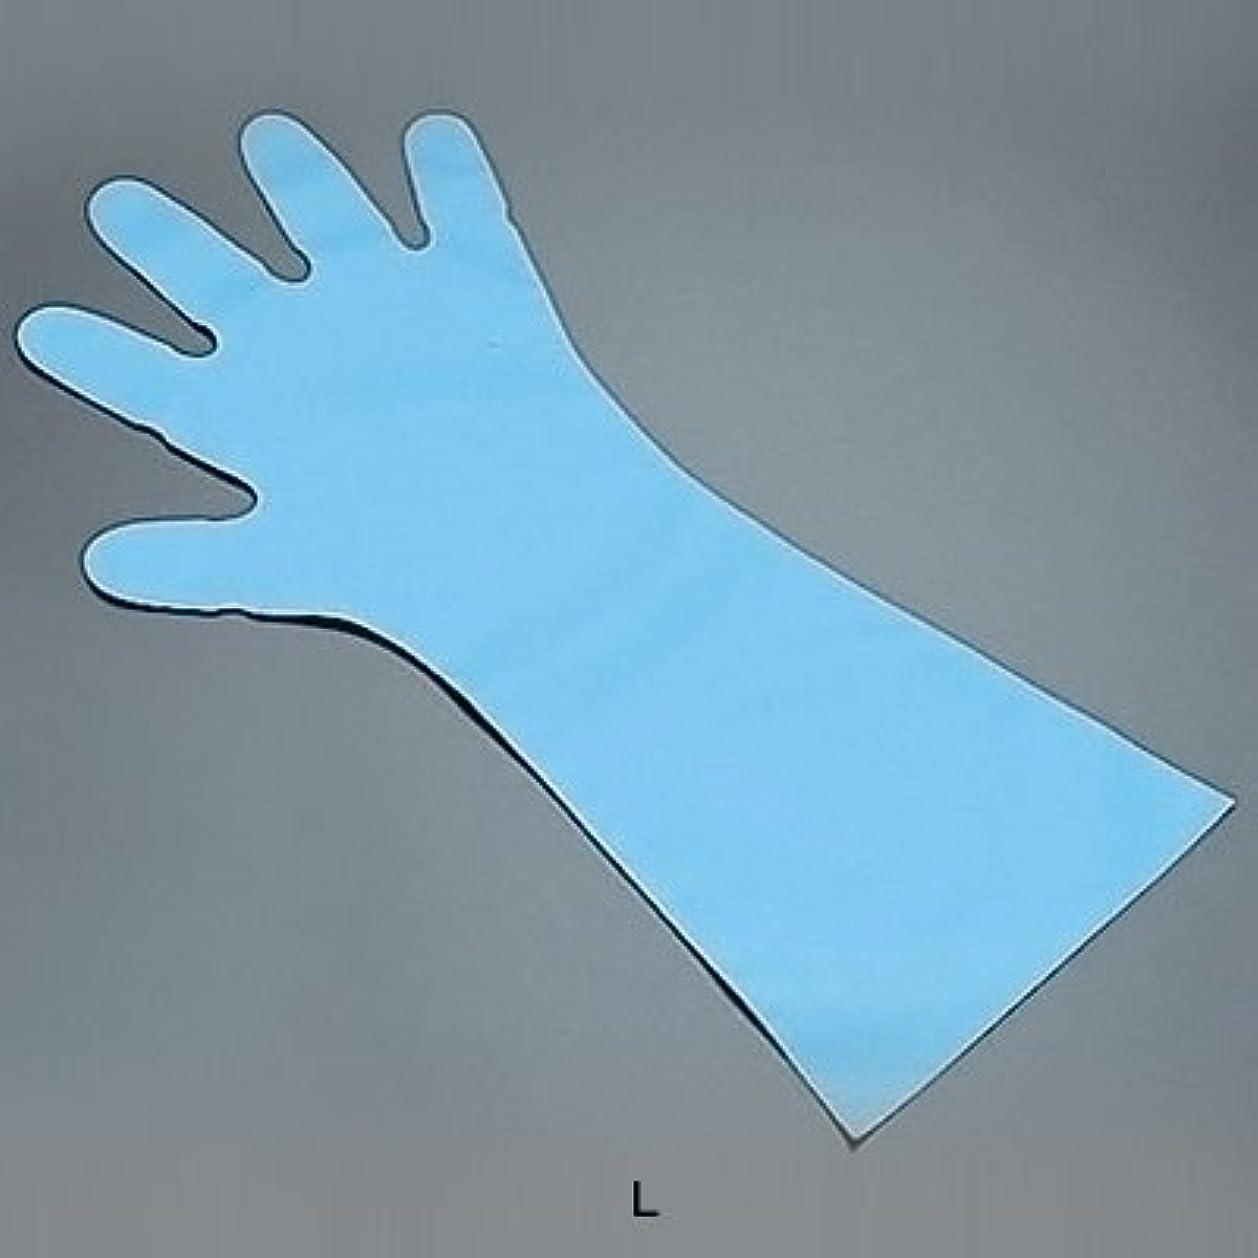 ケープライオネルグリーンストリートコンサルタントエンボス手袋 五本絞り ロング#50 (1袋50枚入) L 全長45cm <ブルー>